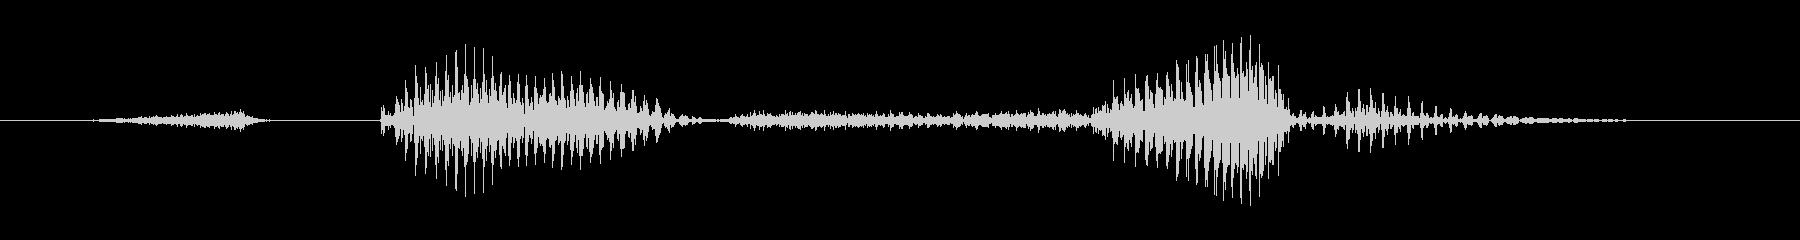 ステージ7(せぶん)の未再生の波形